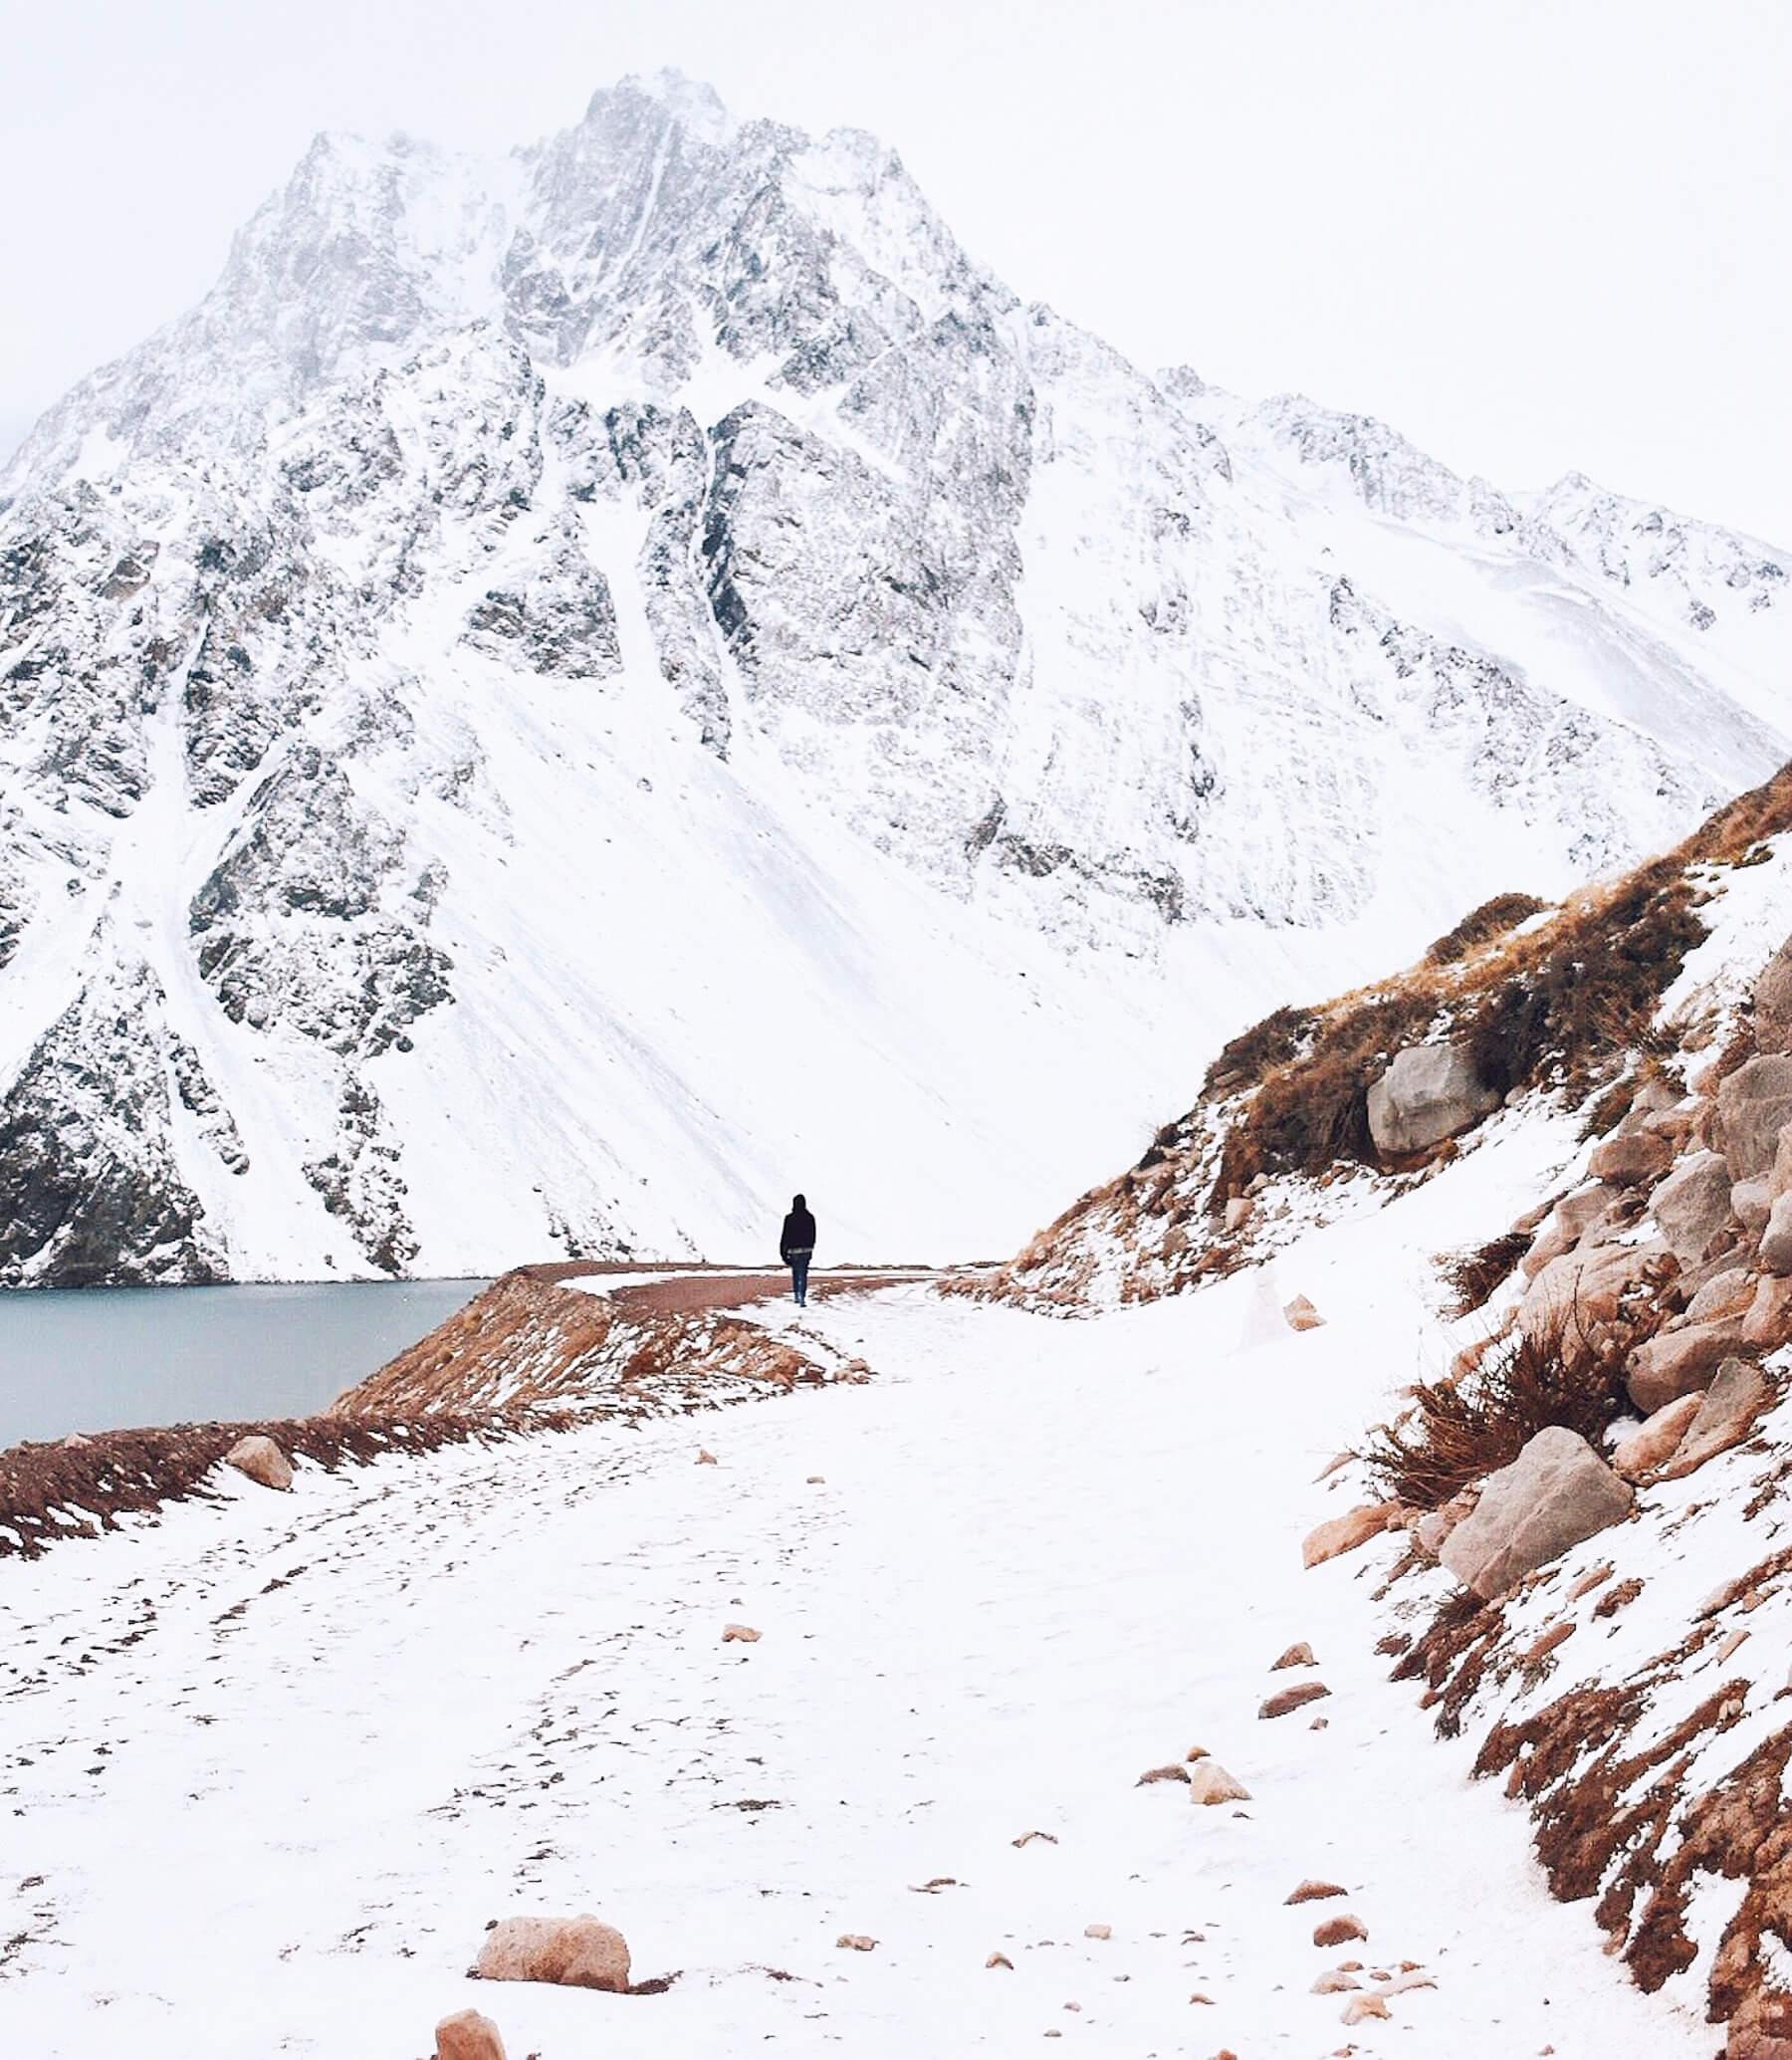 Girl walking through snow during a trip to Cajon Del Maipo